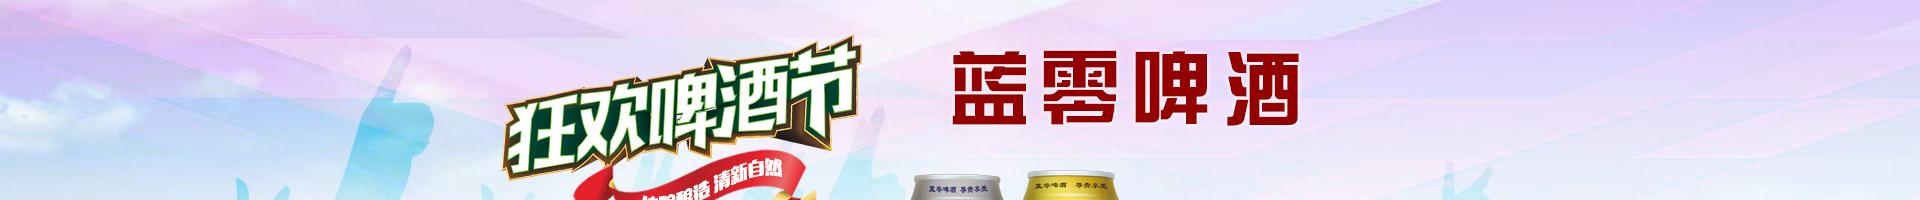 青岛蓝航酒业有限公司